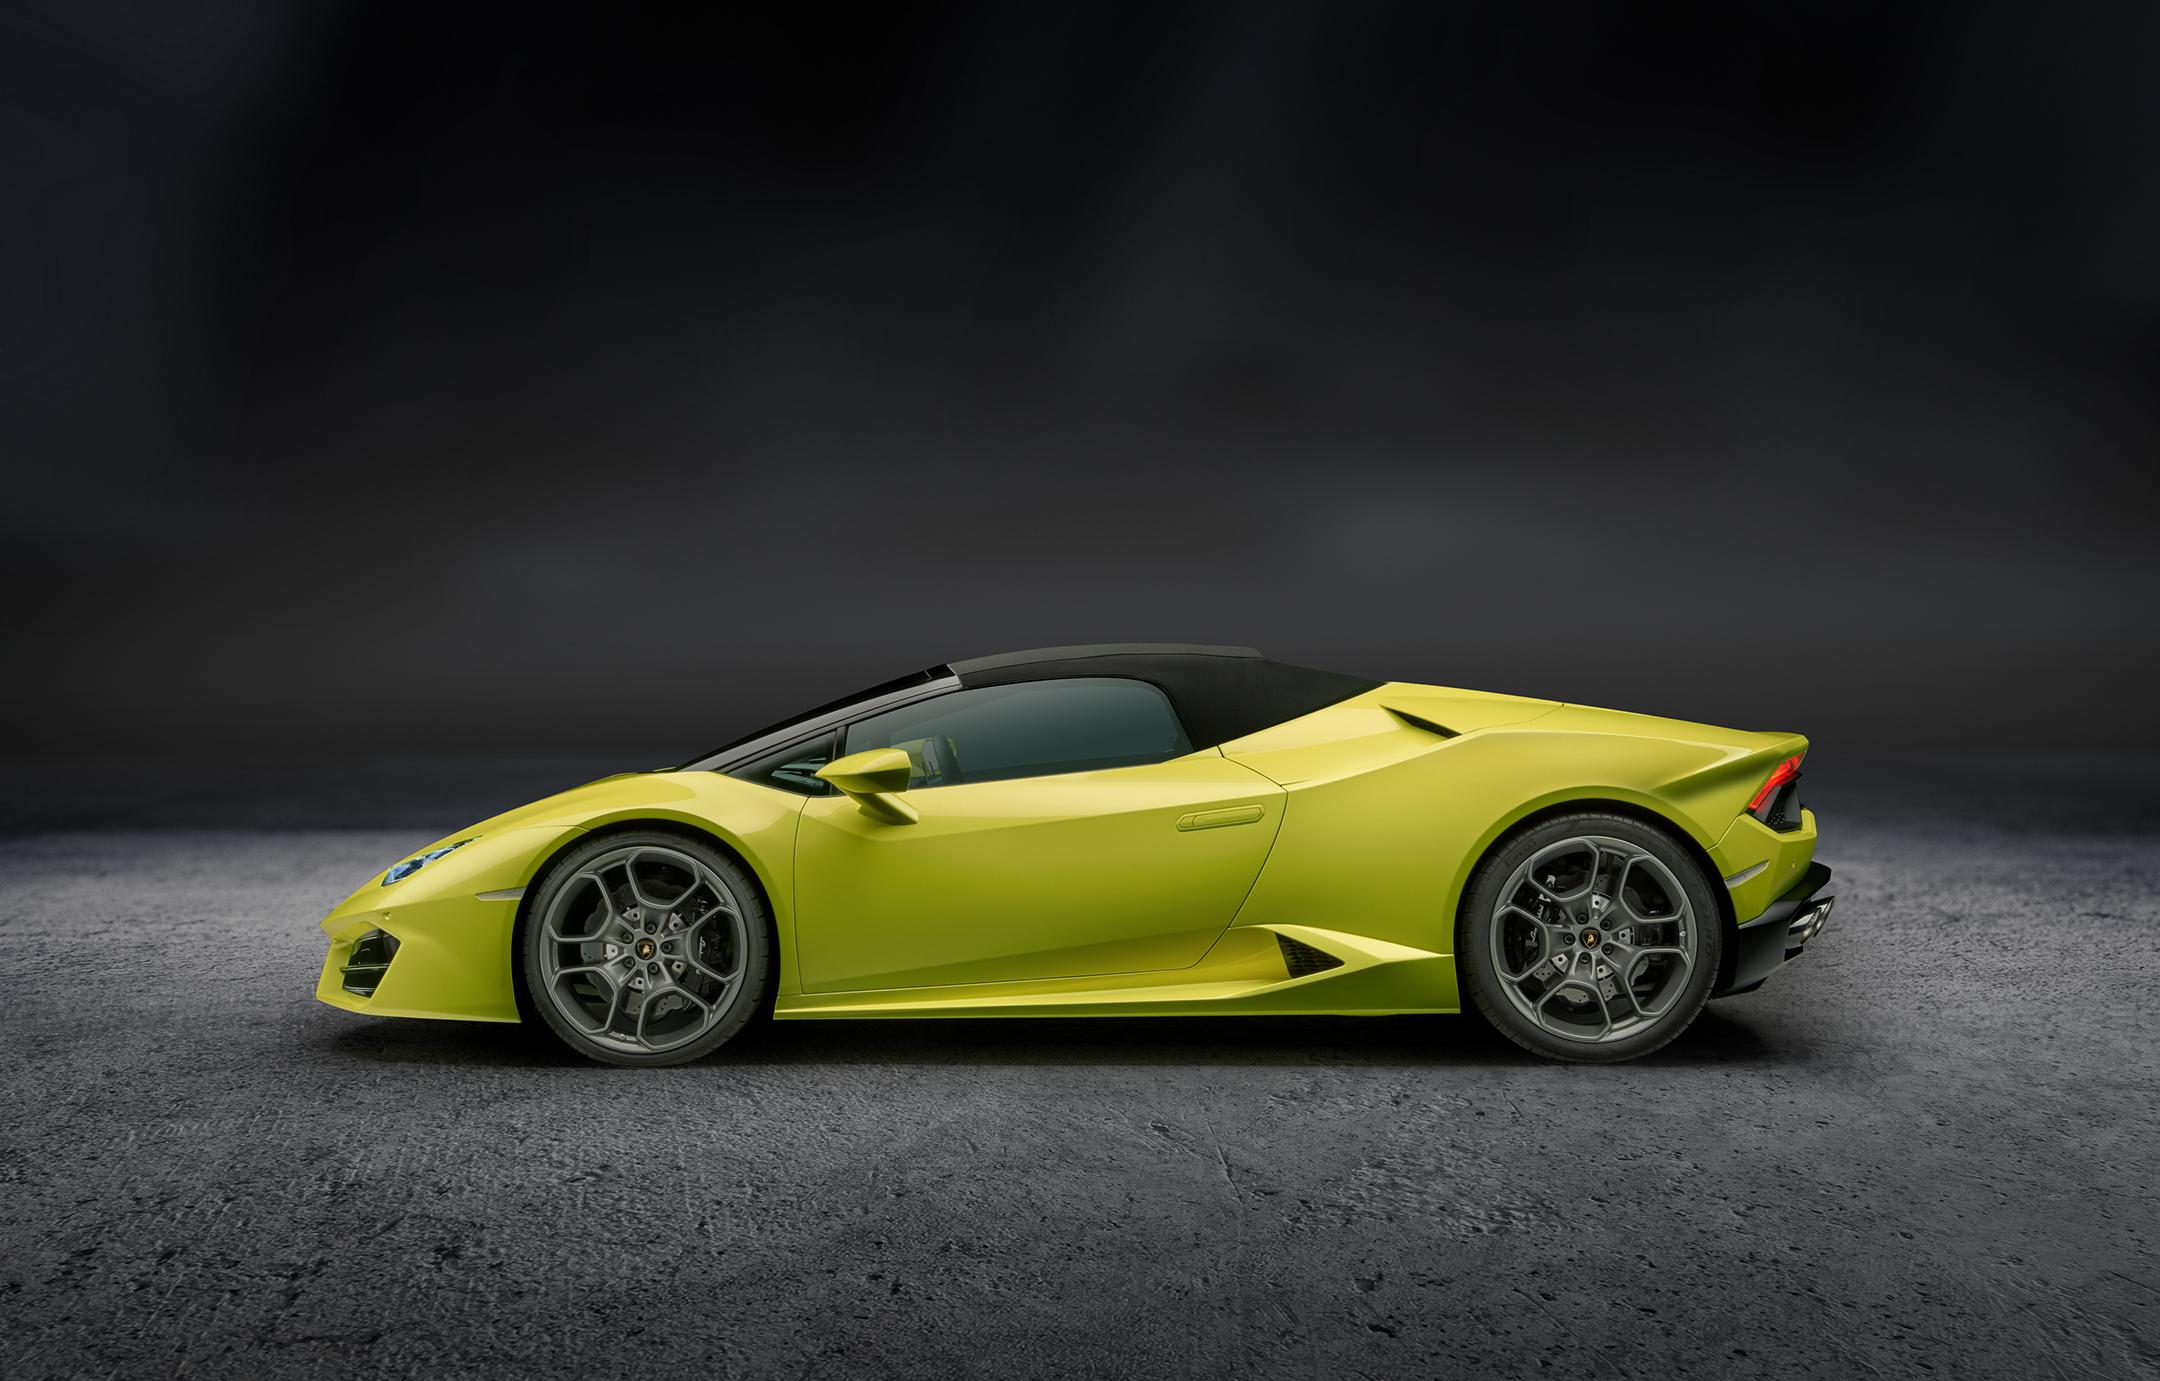 Lamborghini Huracán LP580-2 Spyder - profil toit fermé / side-face close top